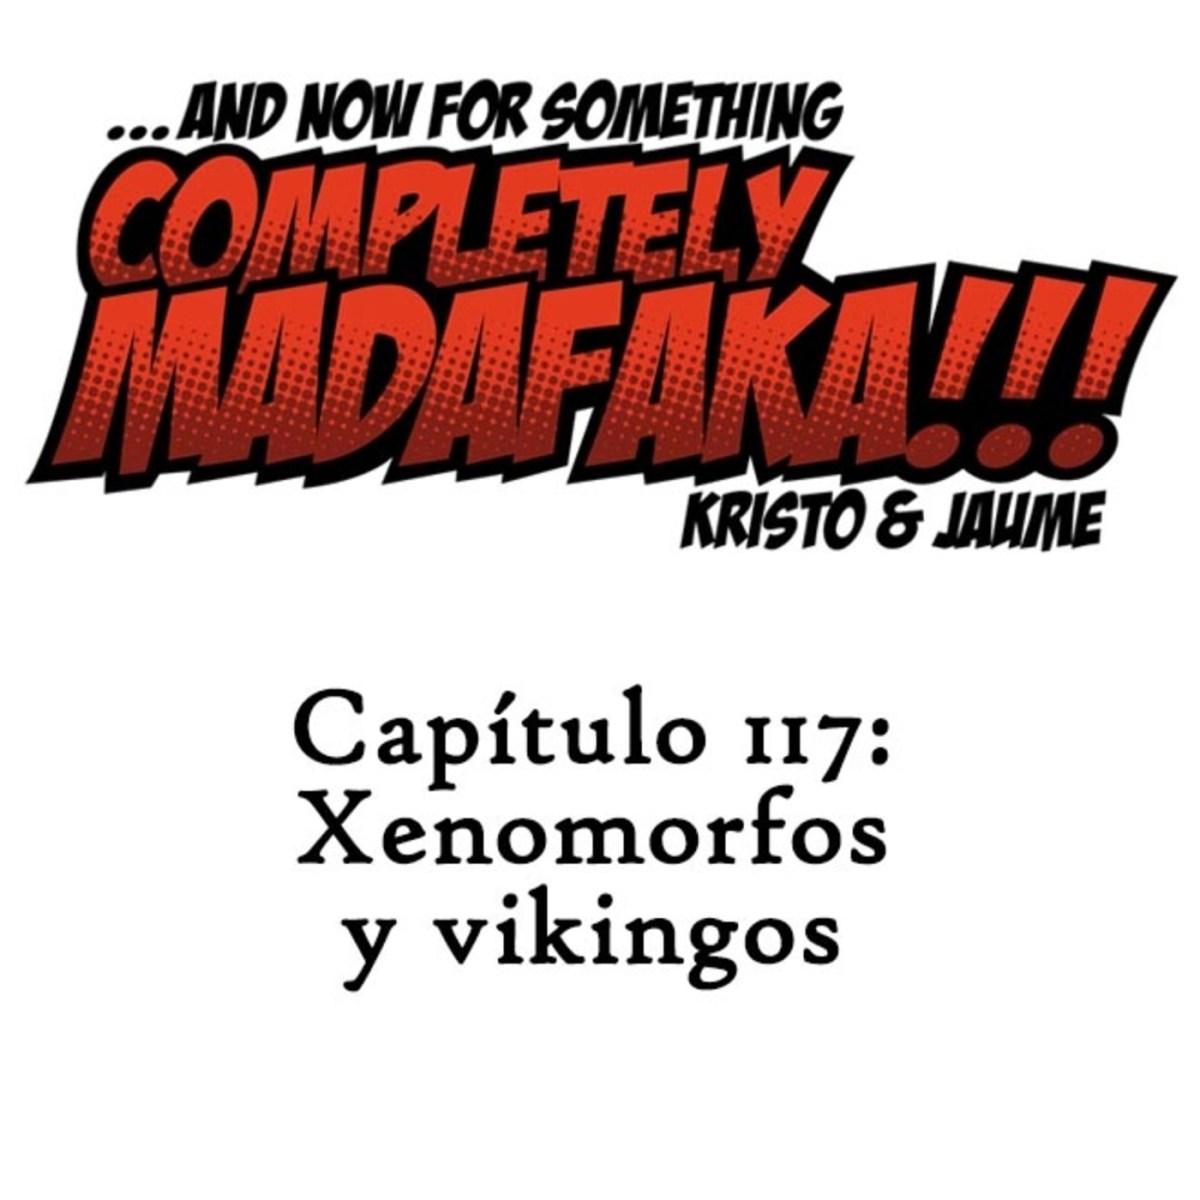 Capítulo 117: Xenomorfos y vikingos